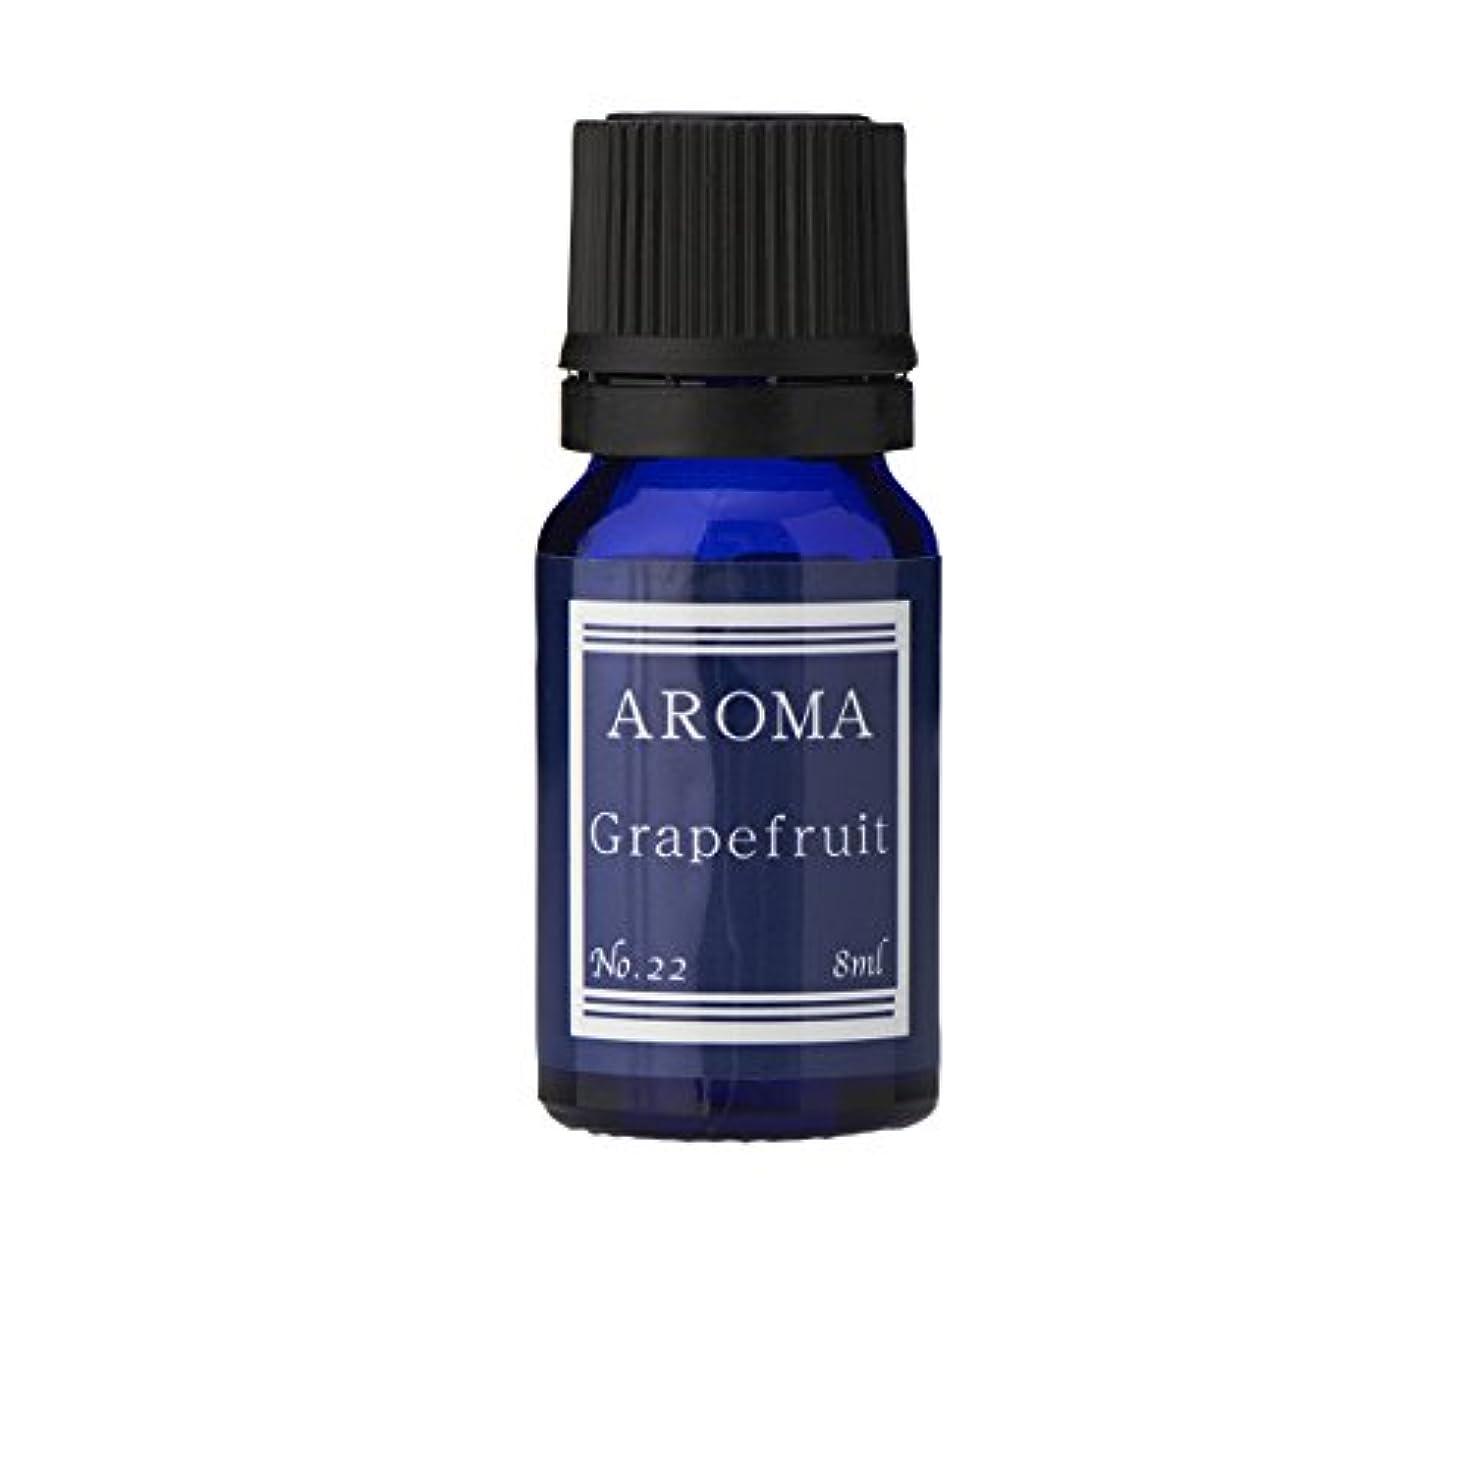 マイルシュリンクサイズブルーラベル アロマエッセンス8ml グレープフルーツ(アロマオイル 調合香料 芳香用)